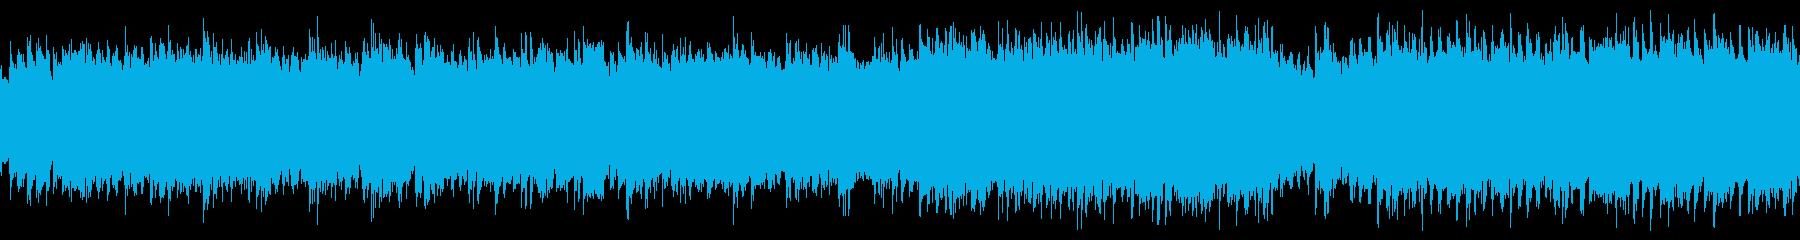 ピアノソロ/悲しい/少しの希望/ループの再生済みの波形